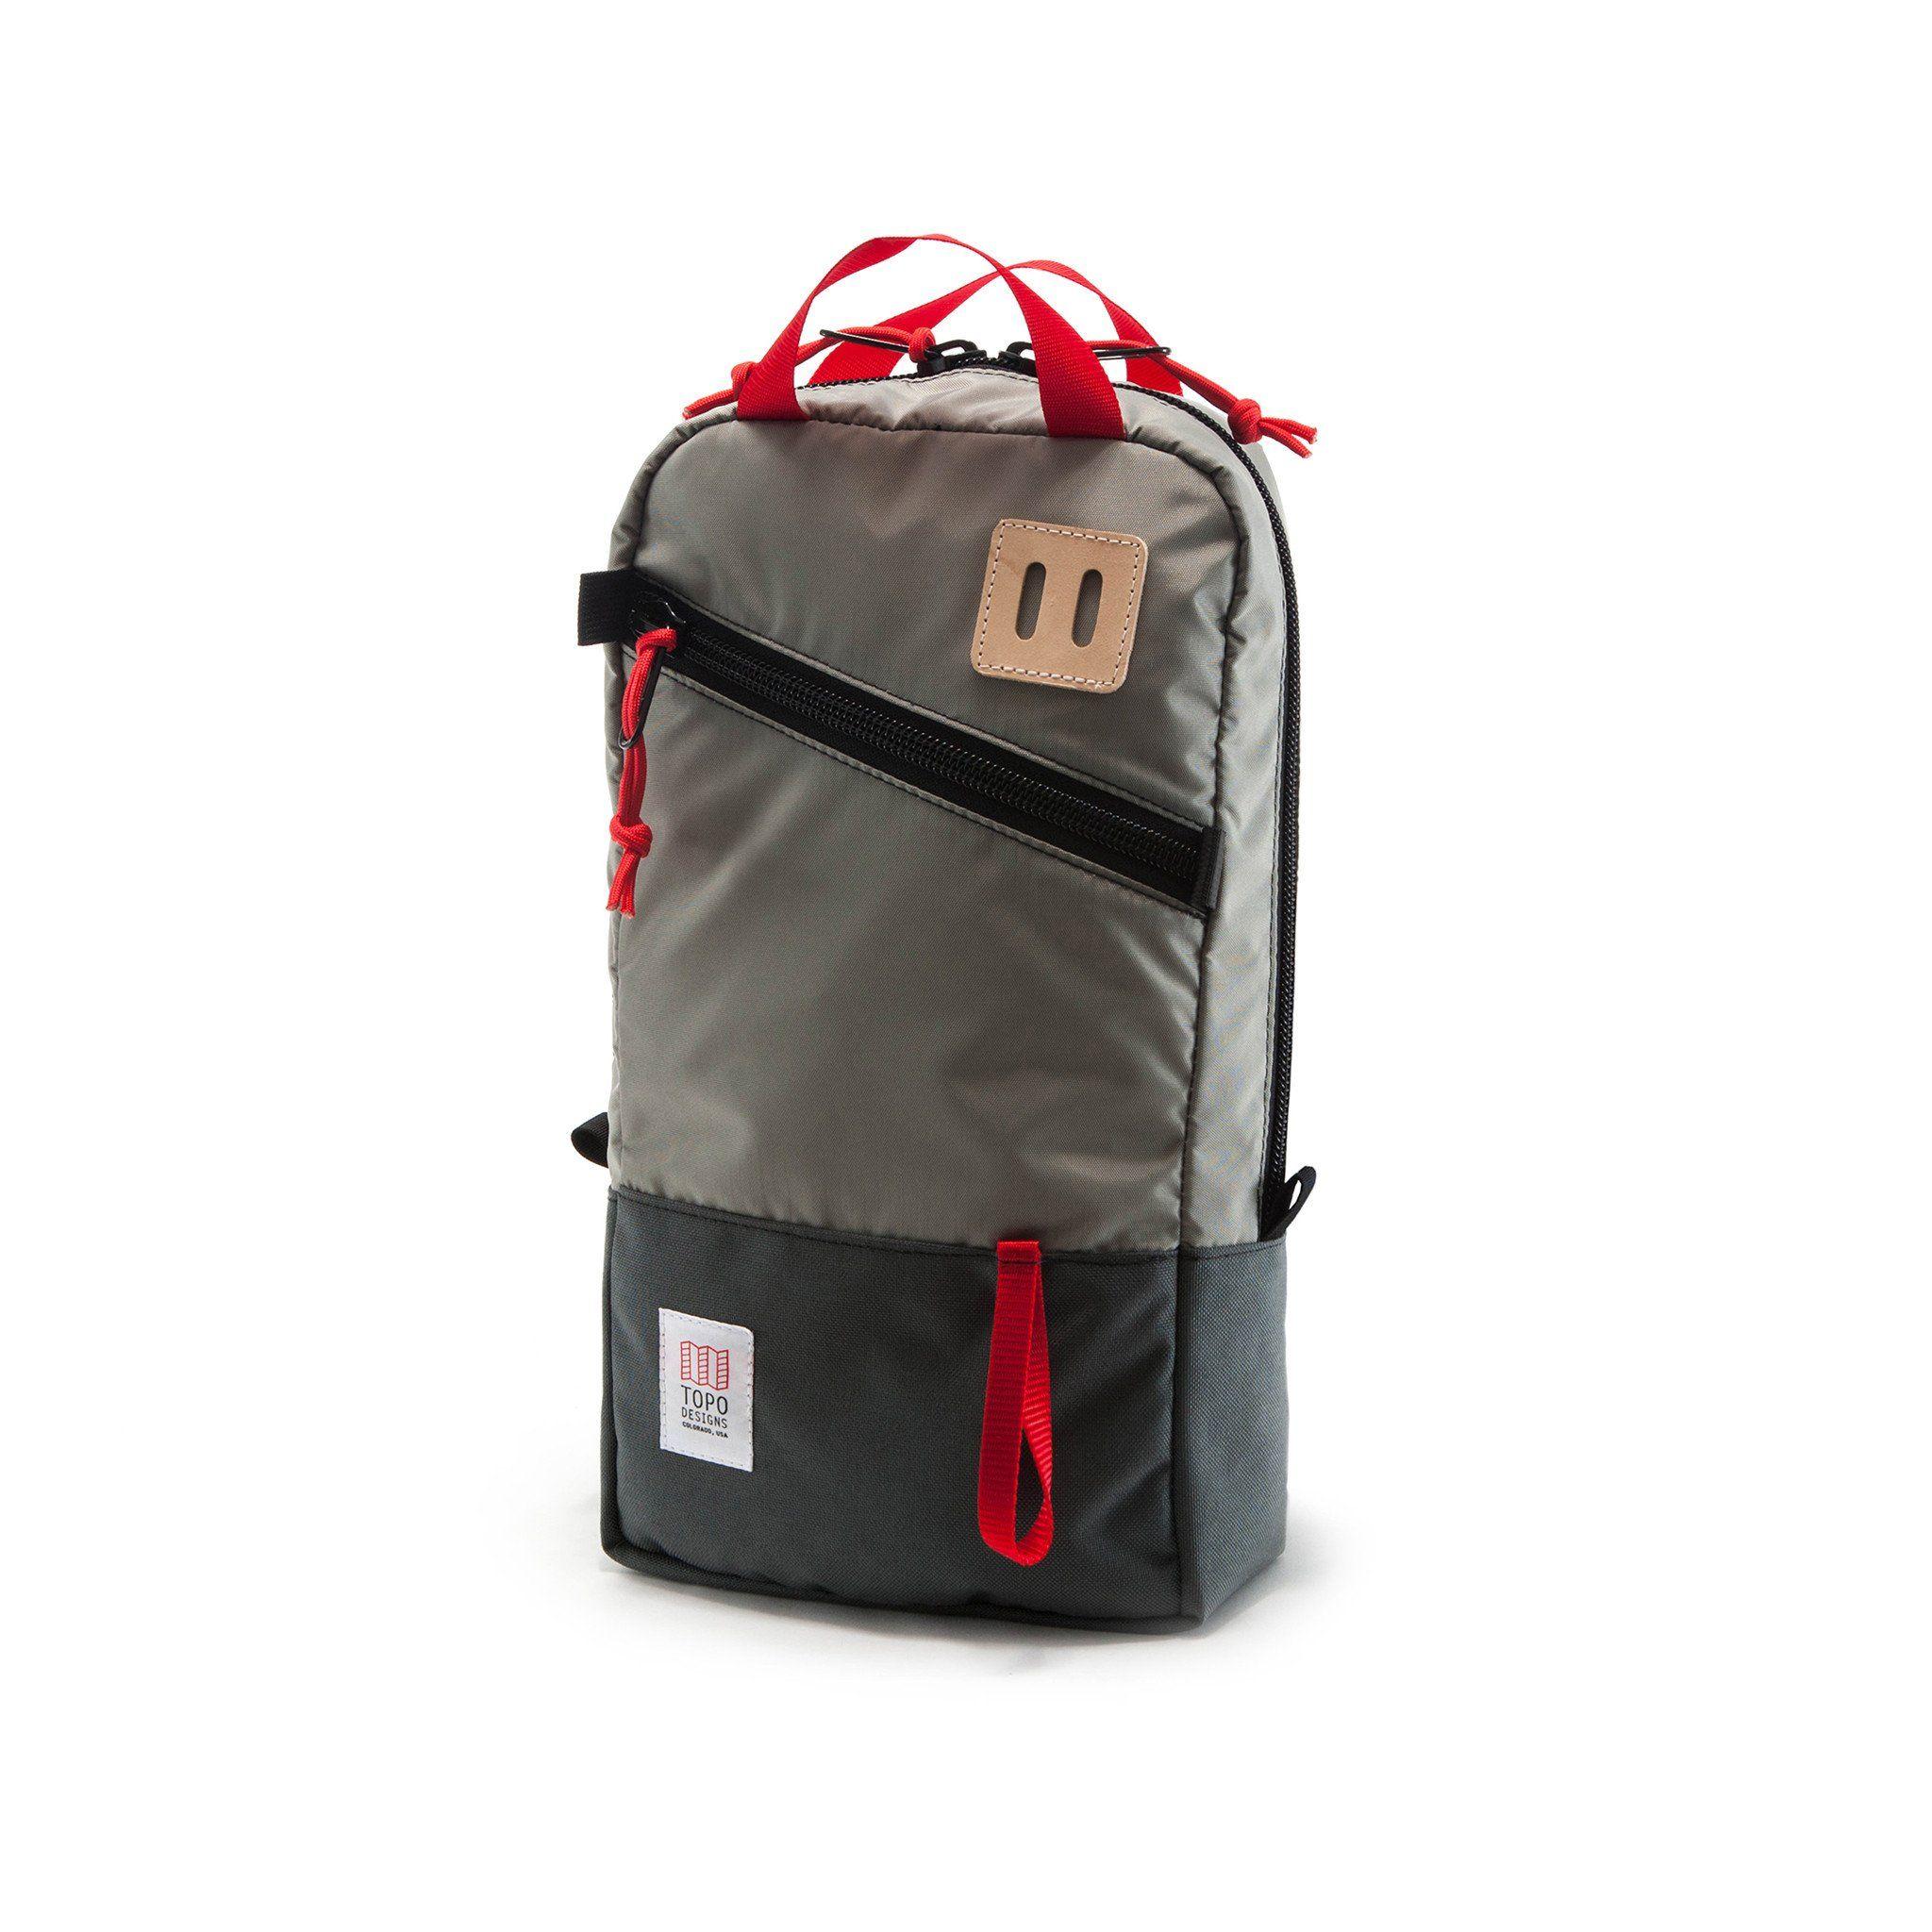 Trip Pack | Things | Backpacks, Backpack straps, Buy bags